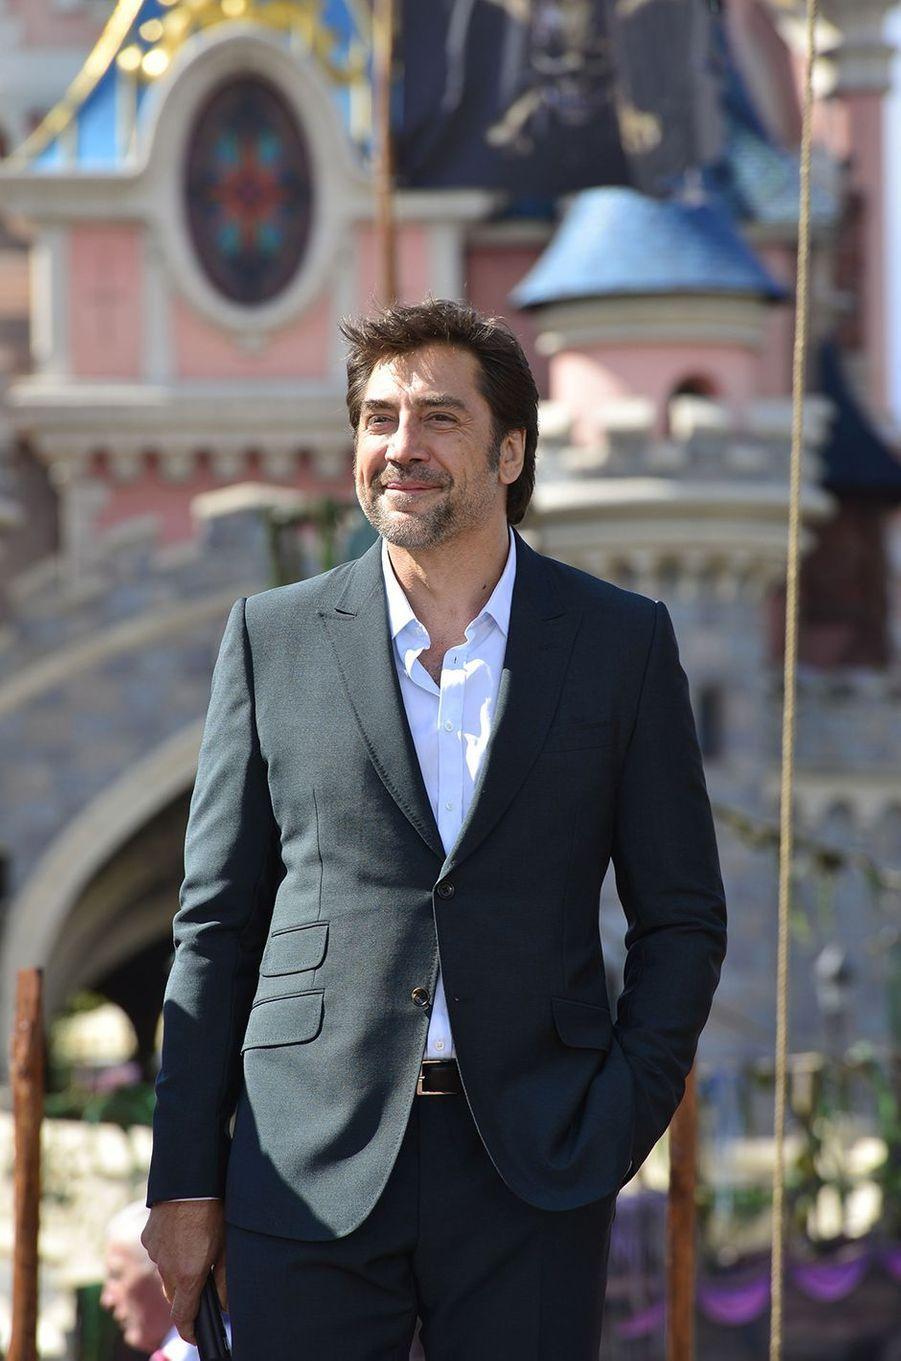 """Javier Bardem à Disneyland Paris pour la promotion de """"Pirates des Caraïbes : La Vengeance de Salazar"""", le 14 mai 2017."""